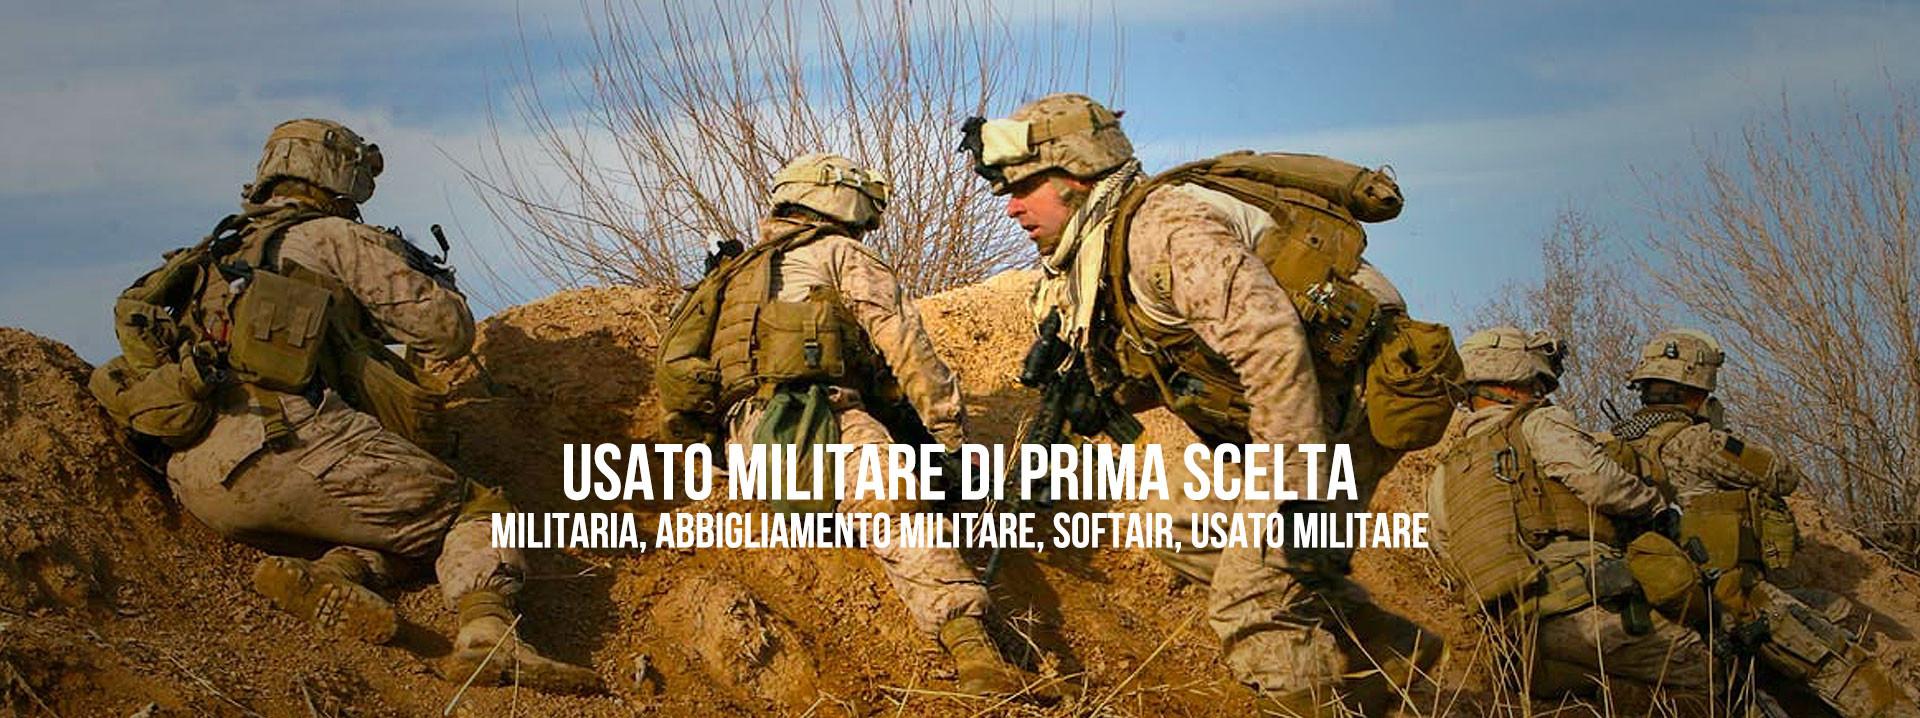 Usato Militare di Prima scelta Militaria, Abbigliamento Militare, Softair, Usato Militare